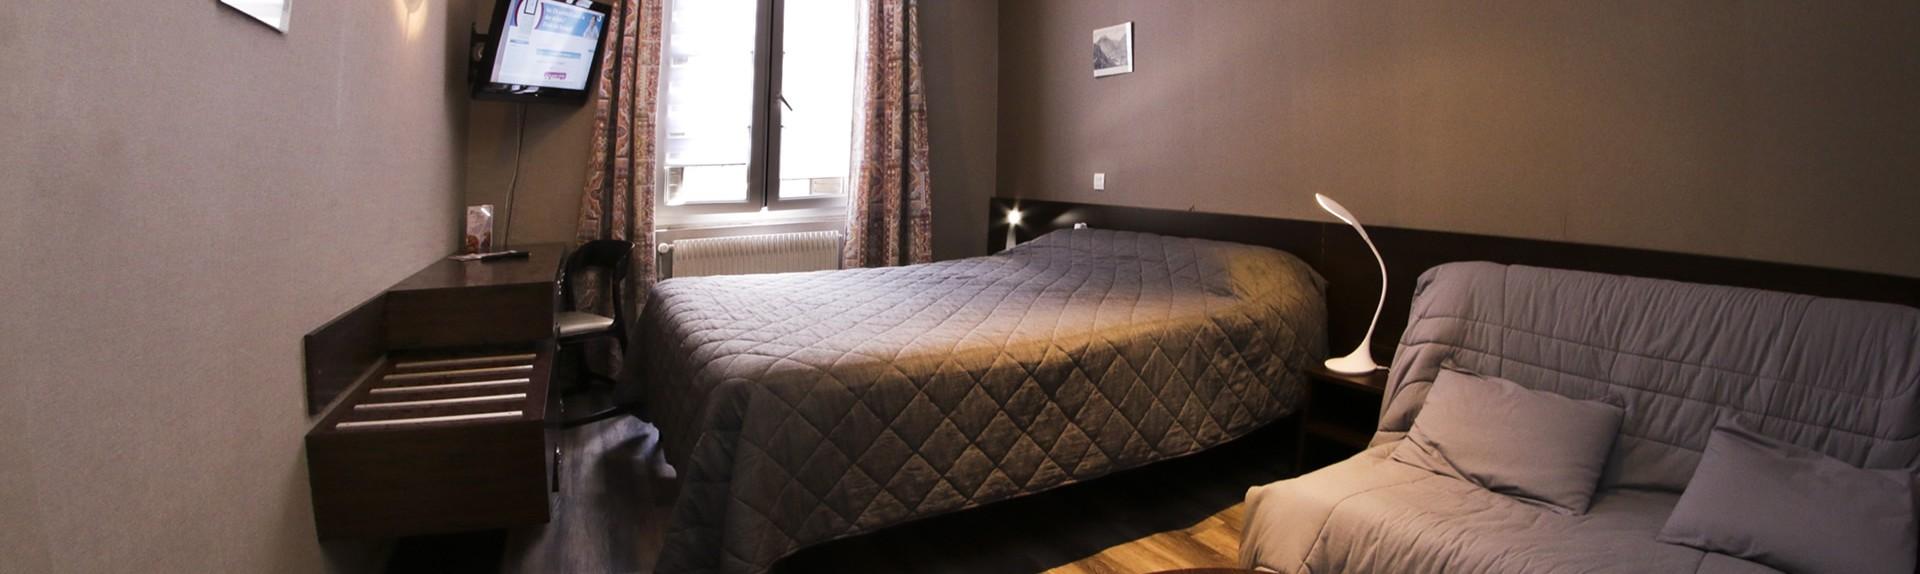 Dormir dans une chambre standard de l'hôtel